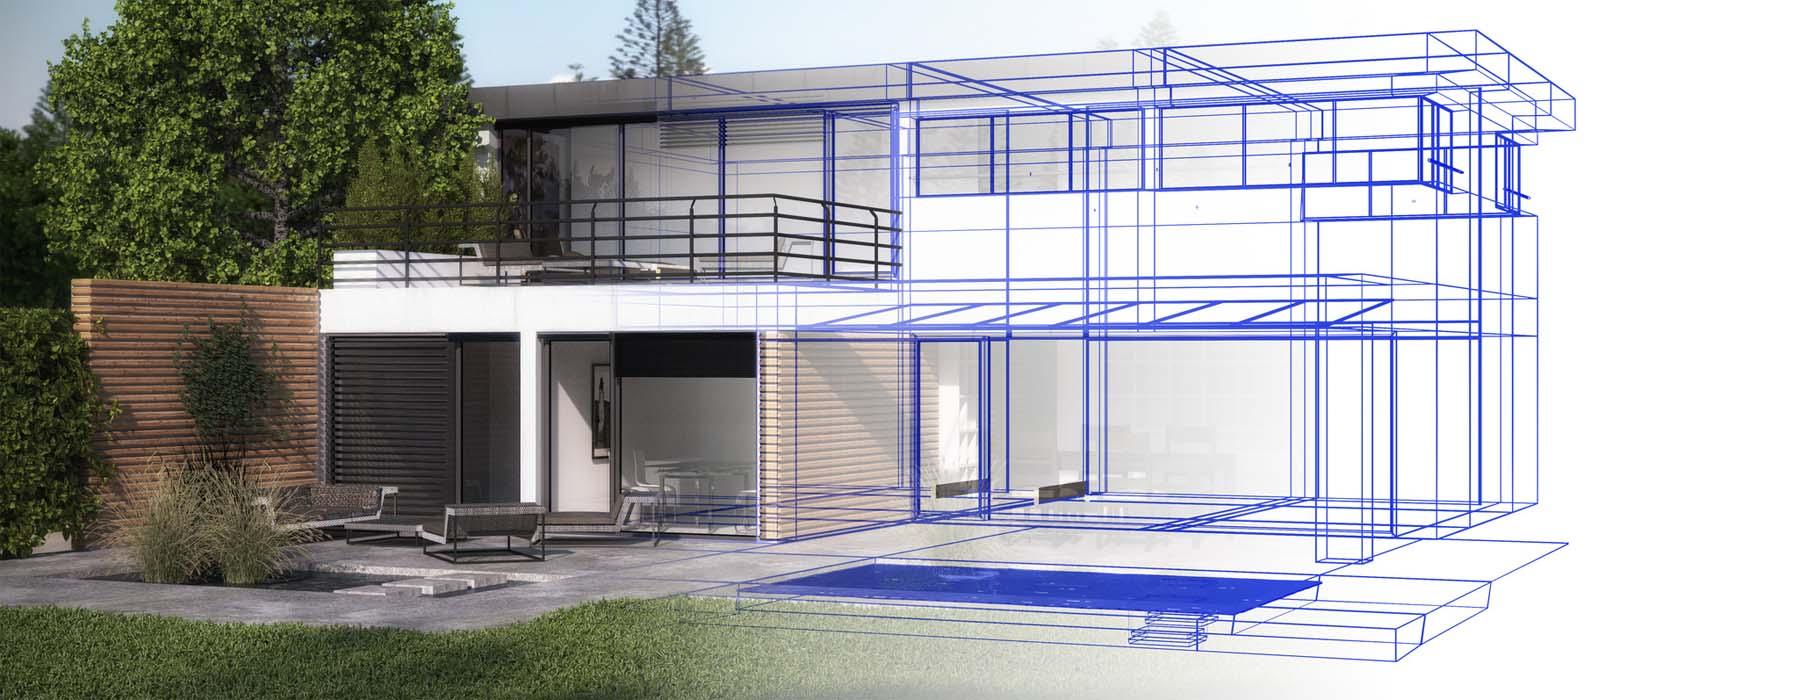 Bild zur Immobilie immo-sx2n-2rkgpc4m